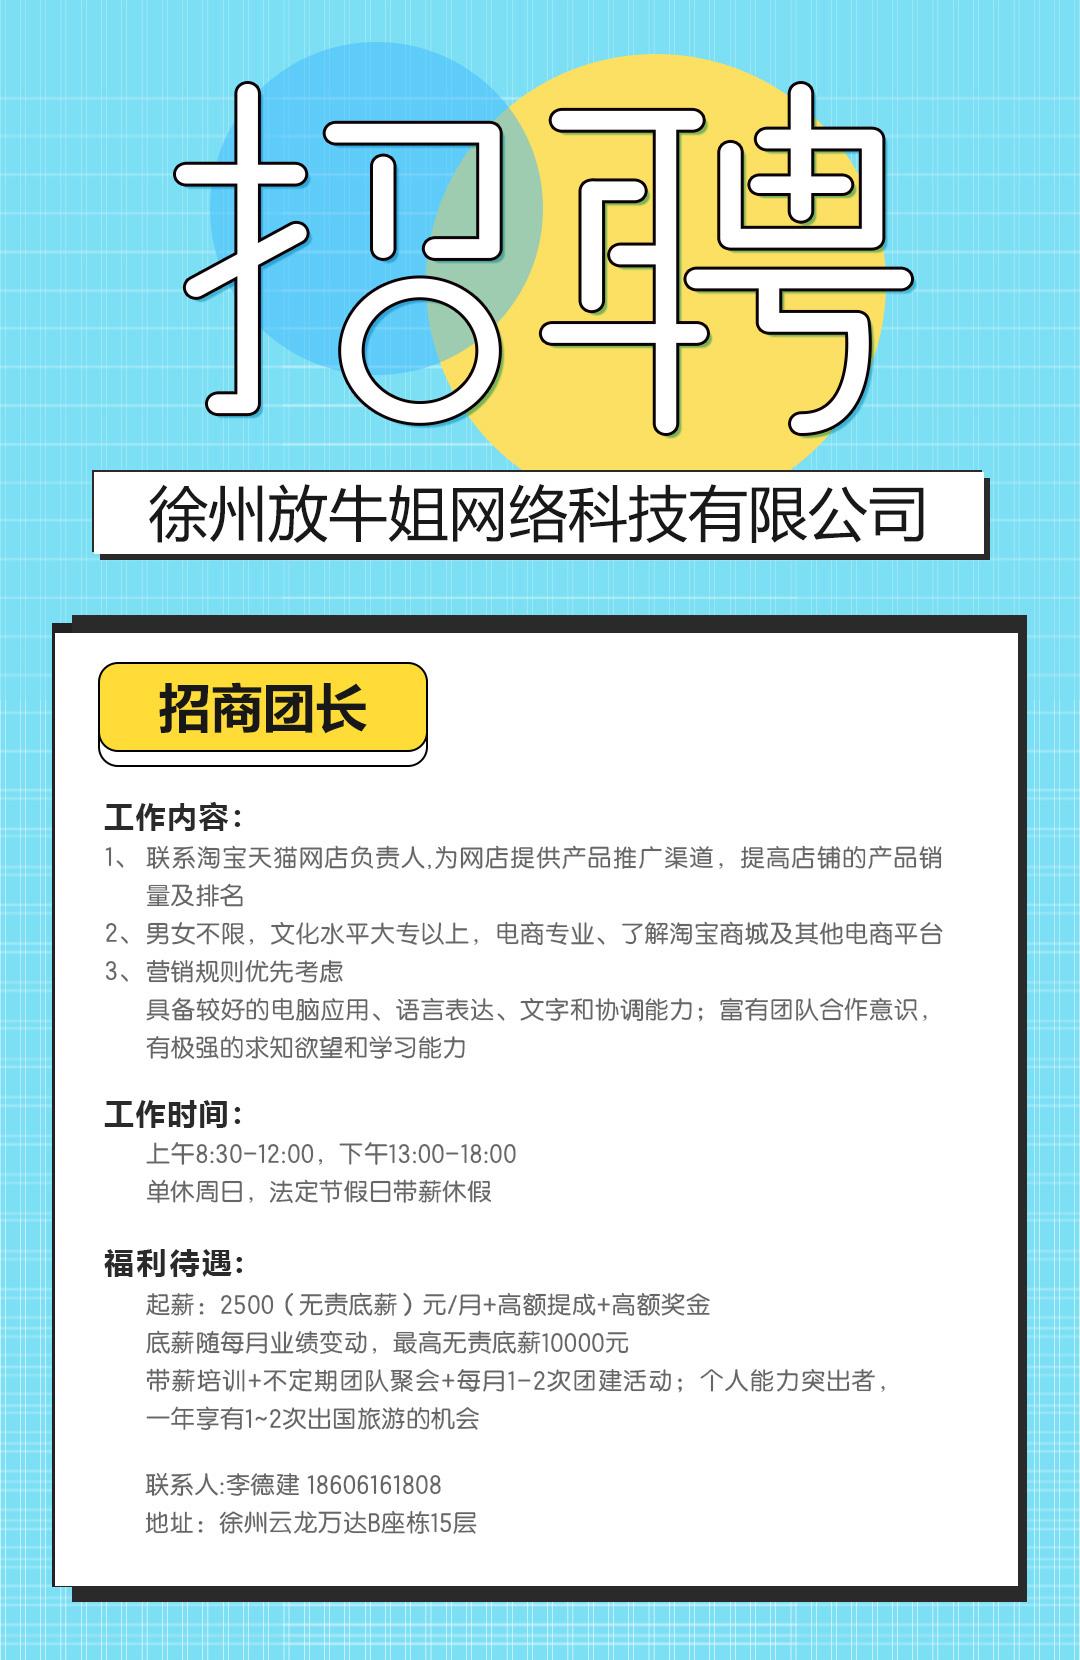 徐州放牛姐网络科技有限公司